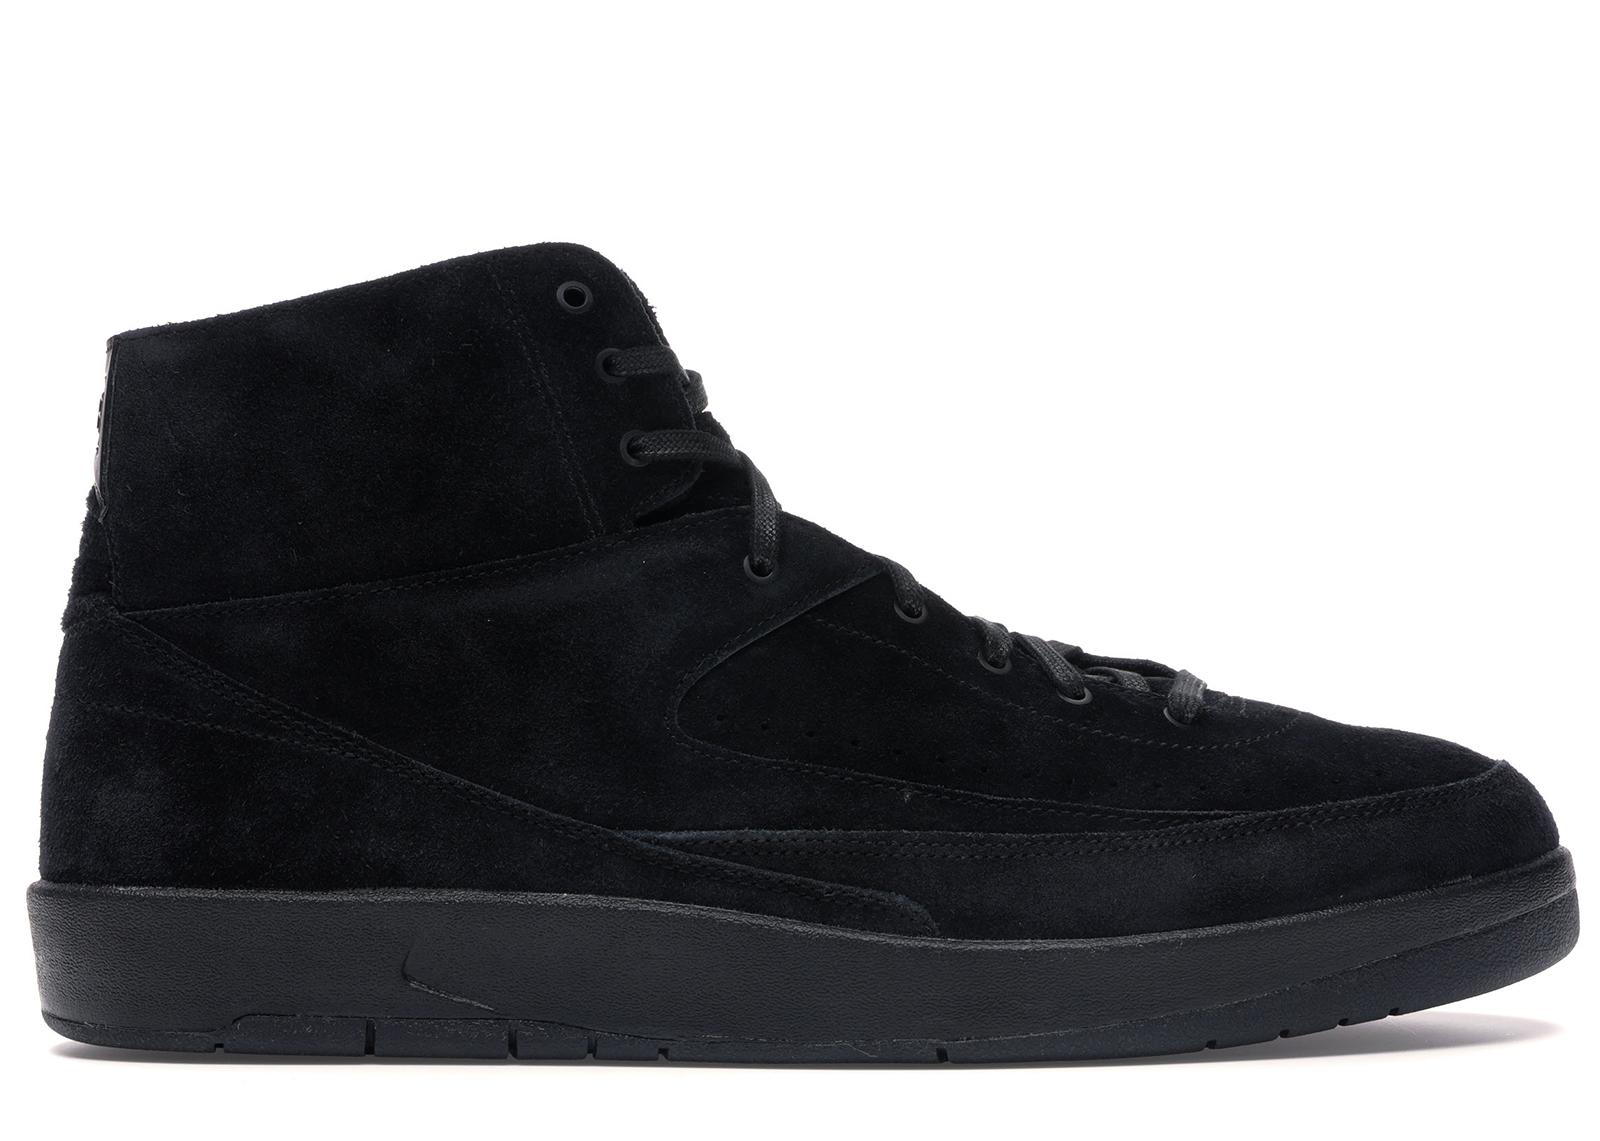 Jordan 2 Retro Decon Black - 897521-010